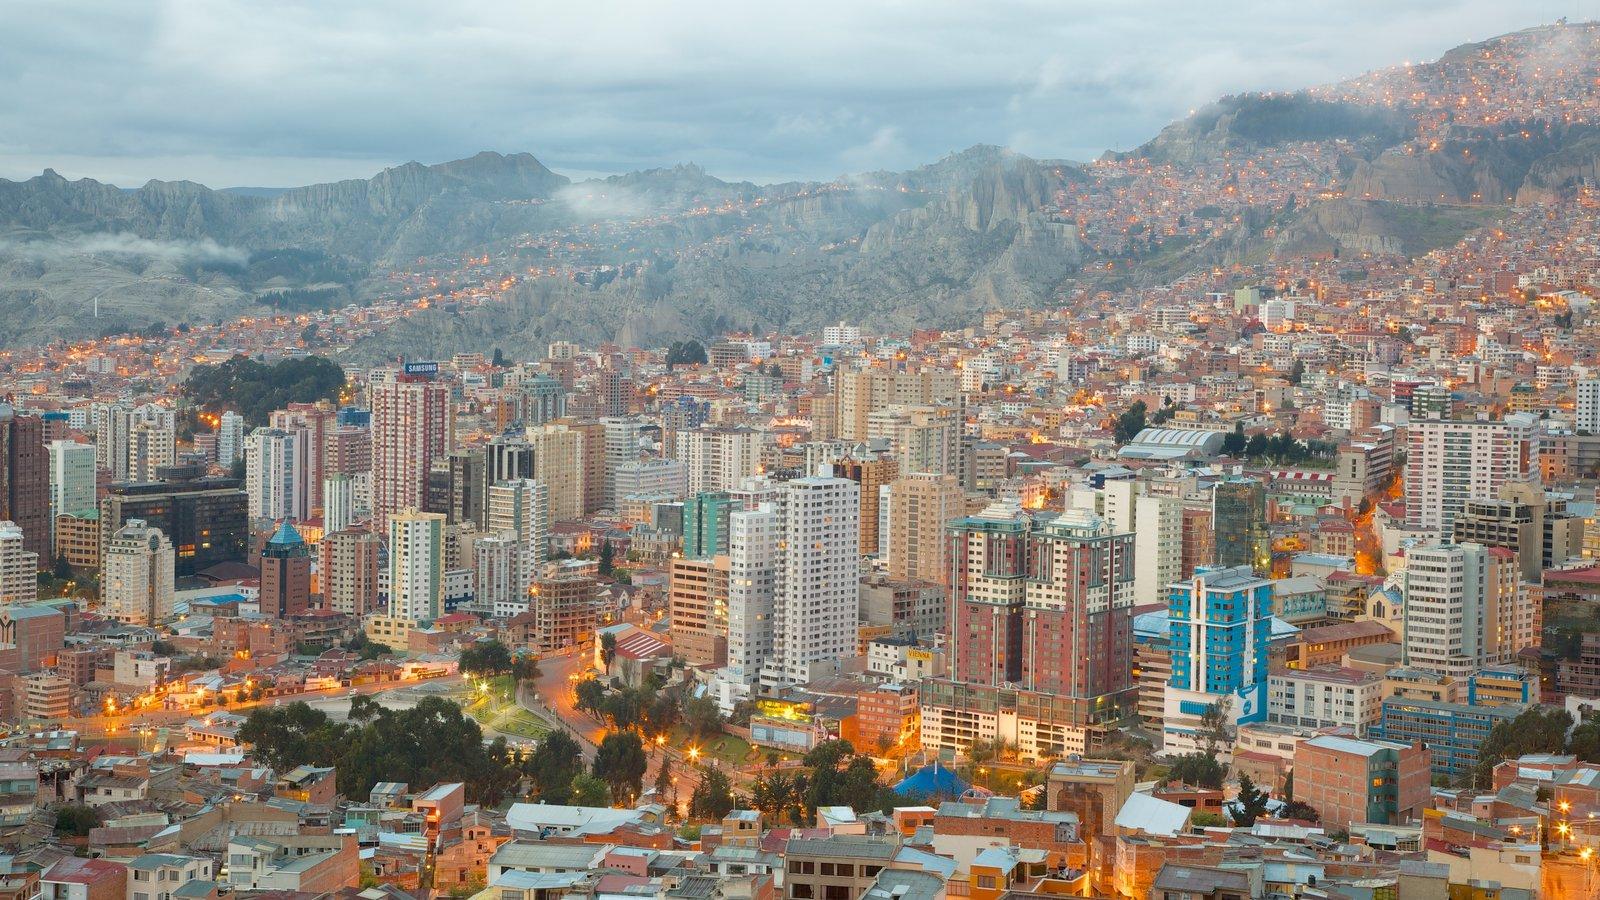 La Paz mostrando uma cidade e um edifício